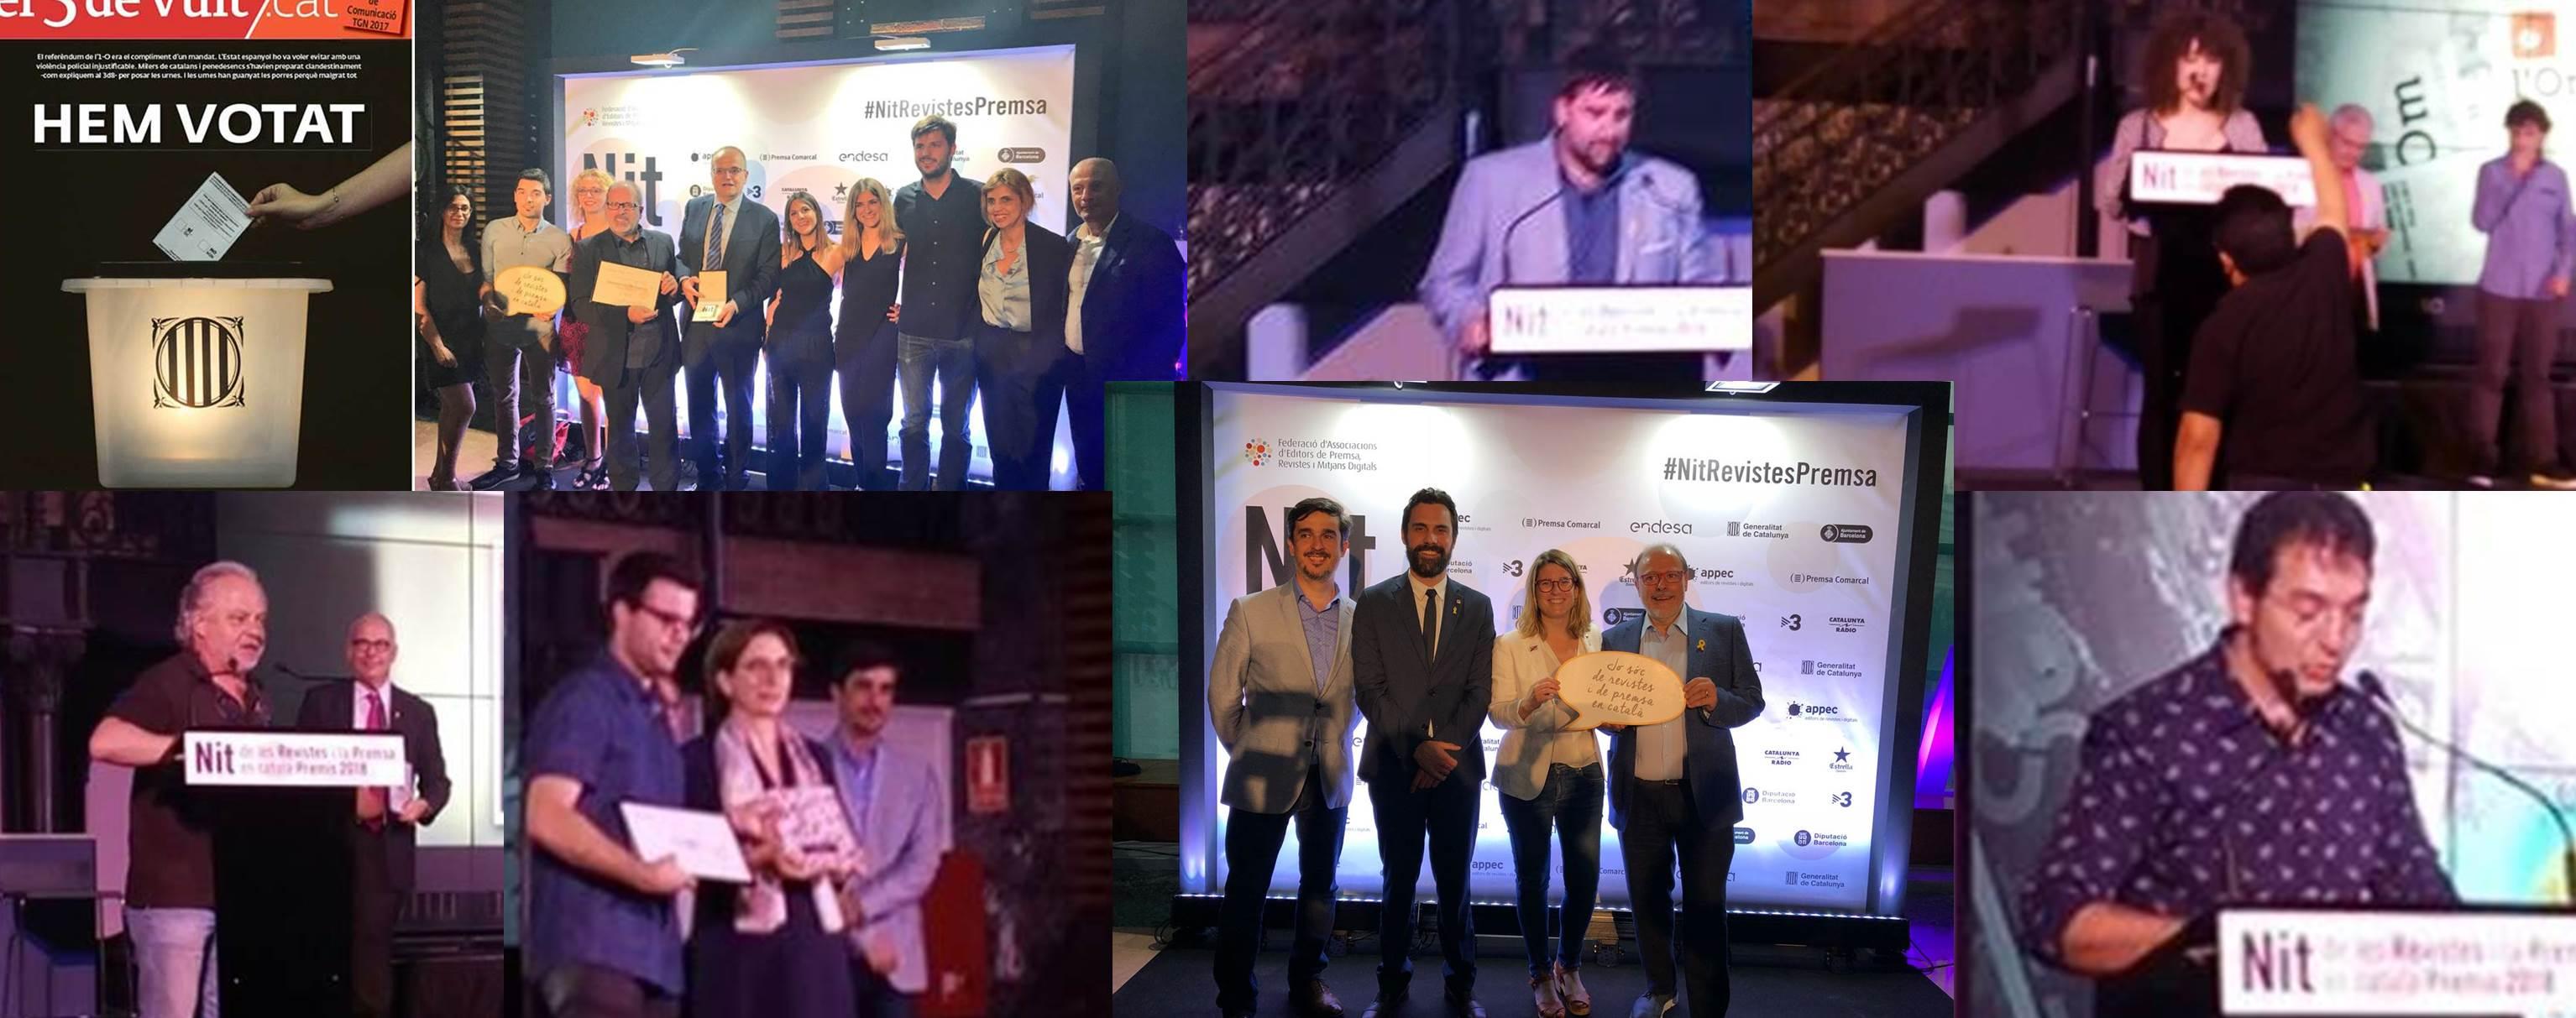 Les publicacions de l'ACPC acaparen premis a la Nit de la Premsa en Català